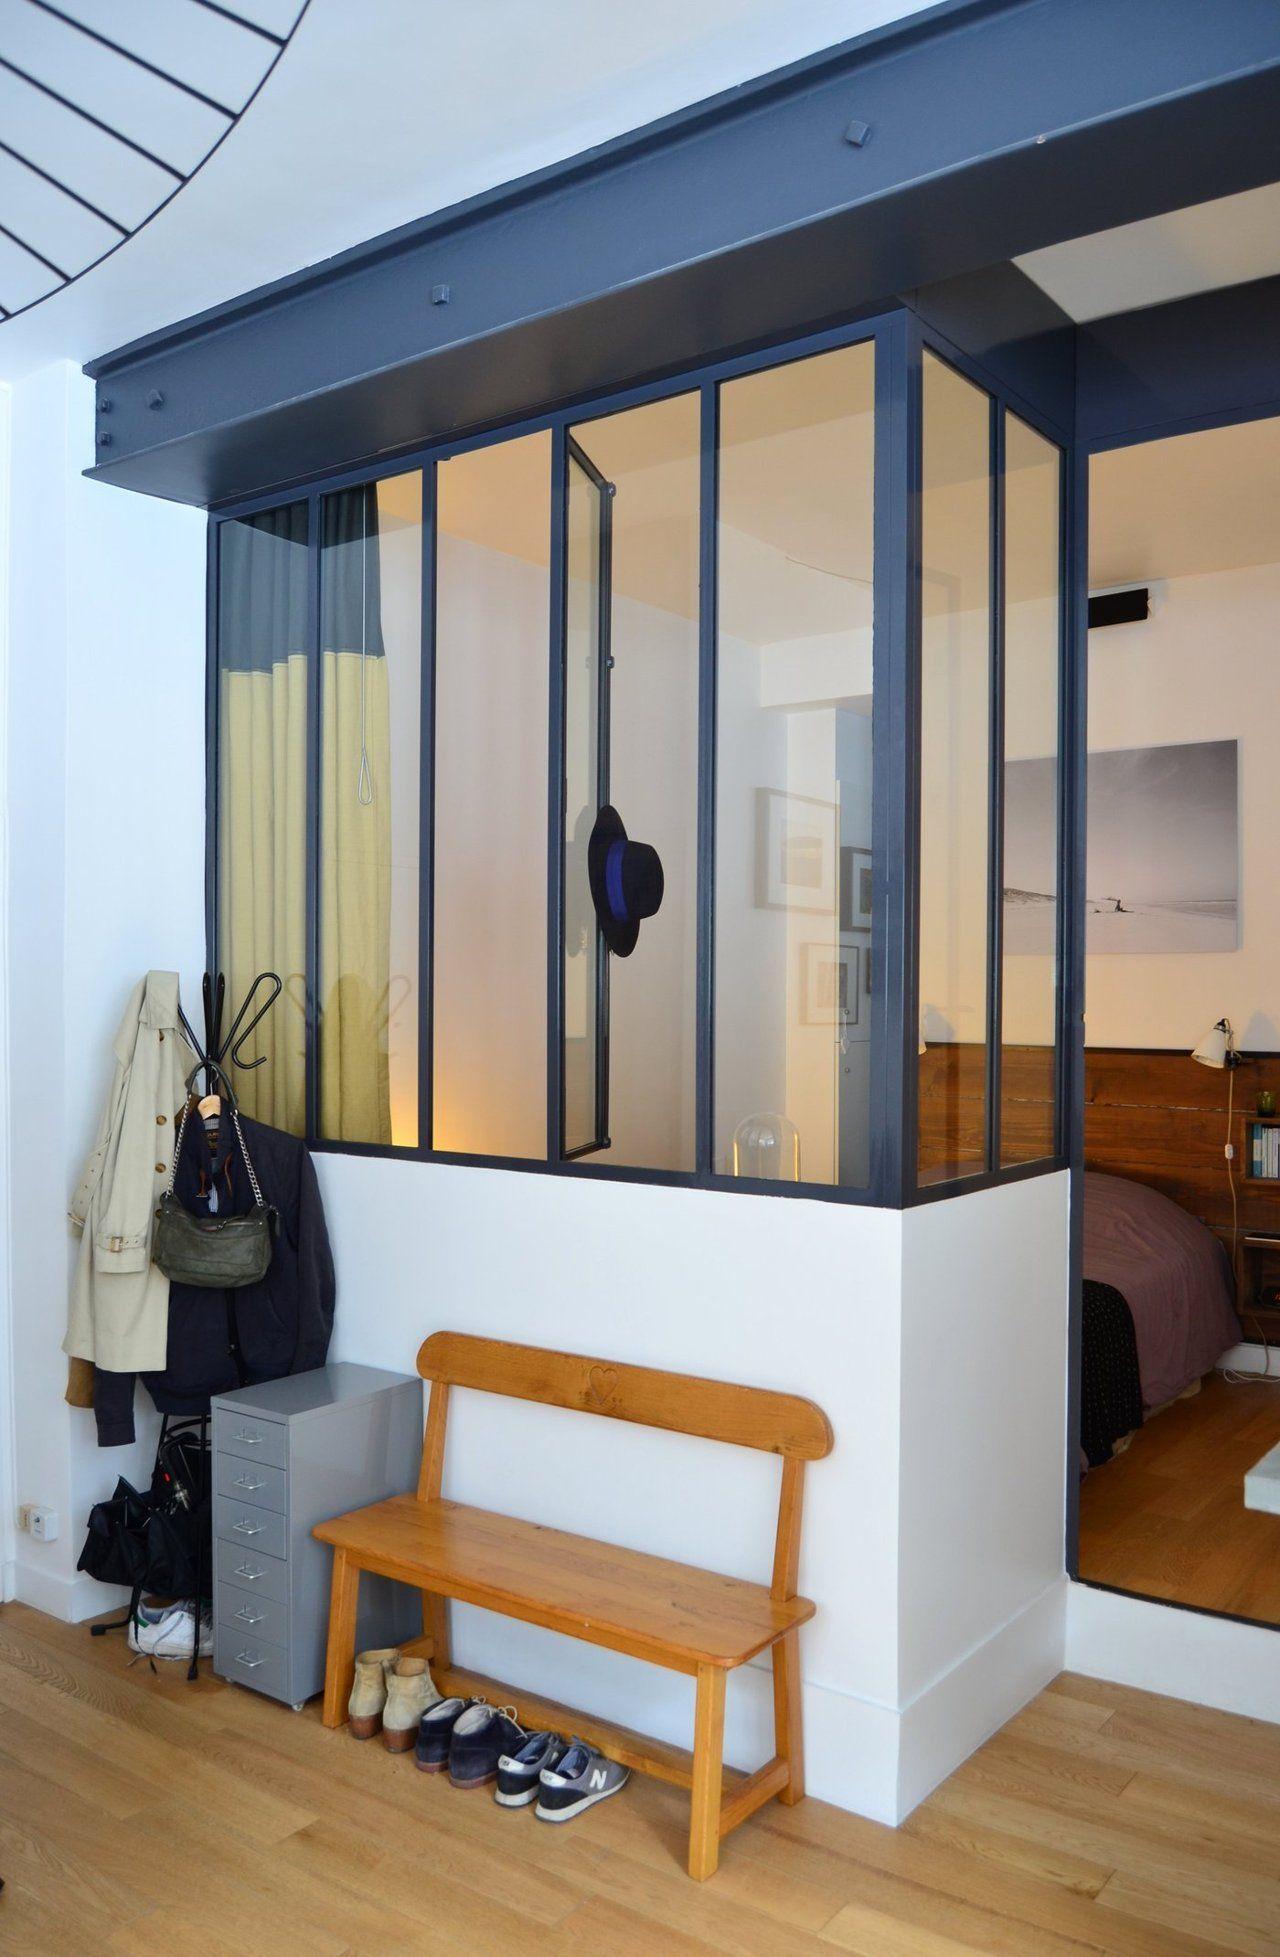 House Tour: A Cozy Little Loft in Paris | Pinterest | Schöner wohnen ...